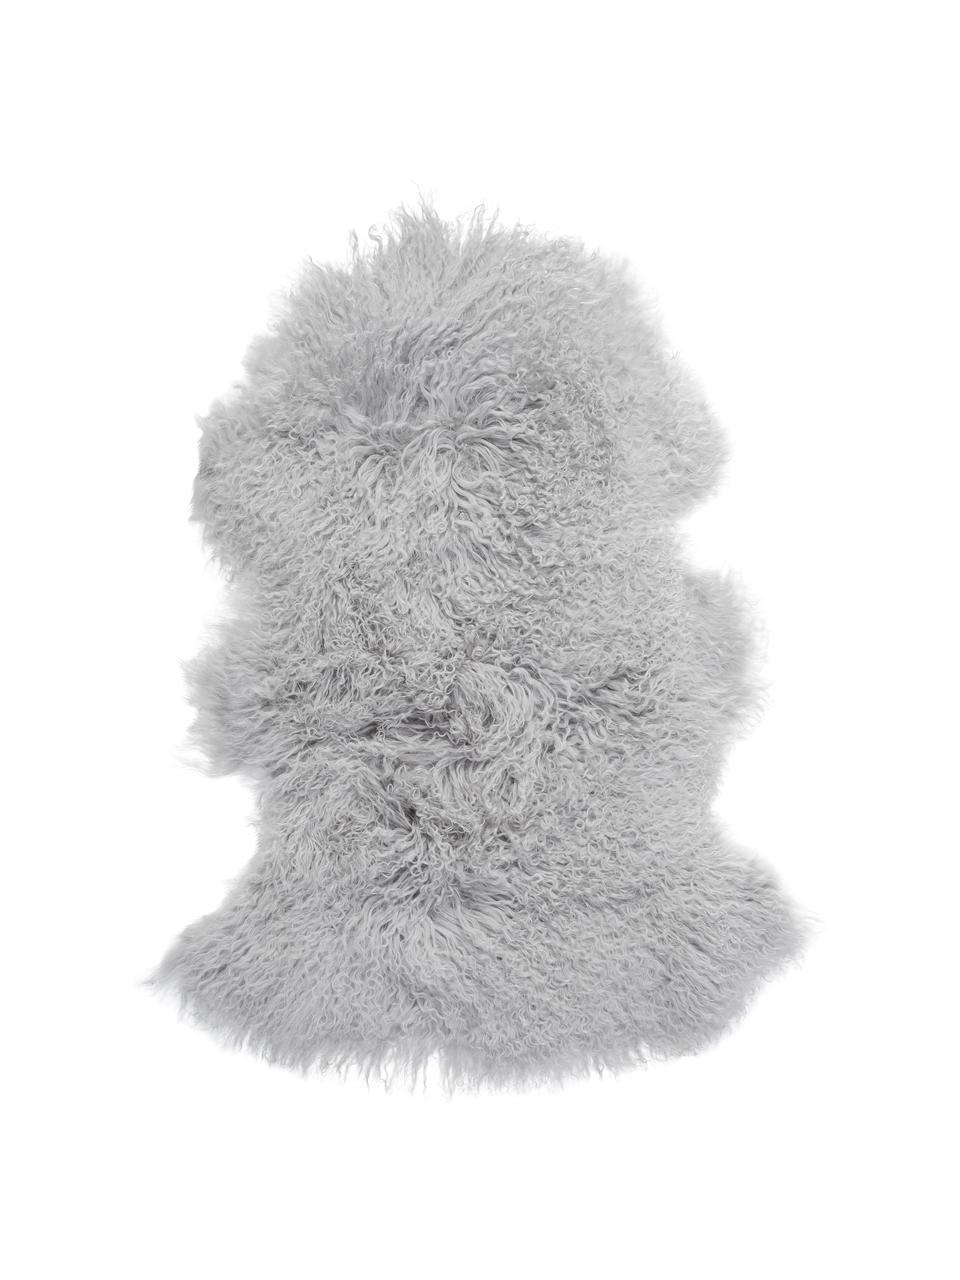 Tappeto in pelliccia d'agnello a pelo lungo Ella, Retro: pelle, Grigio chiaro, Larg. 50 x Lung. 80 cm